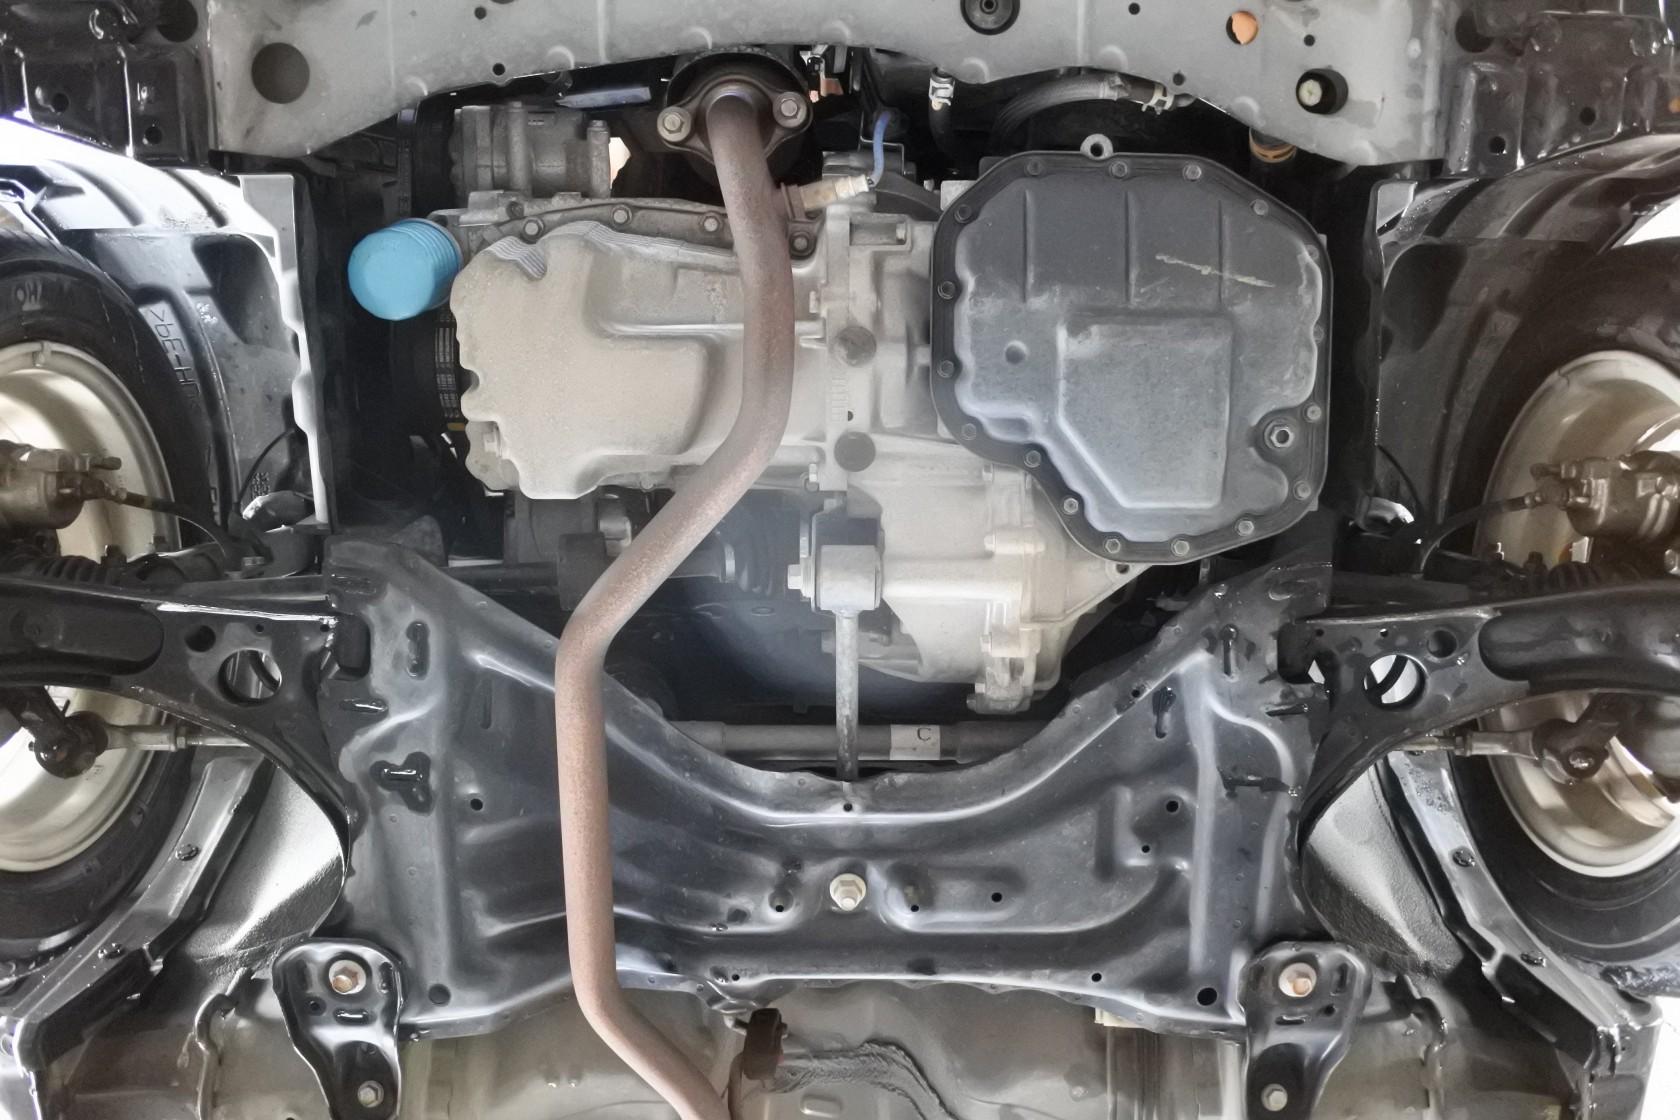 中古車 ムーヴ 車体下エンジン